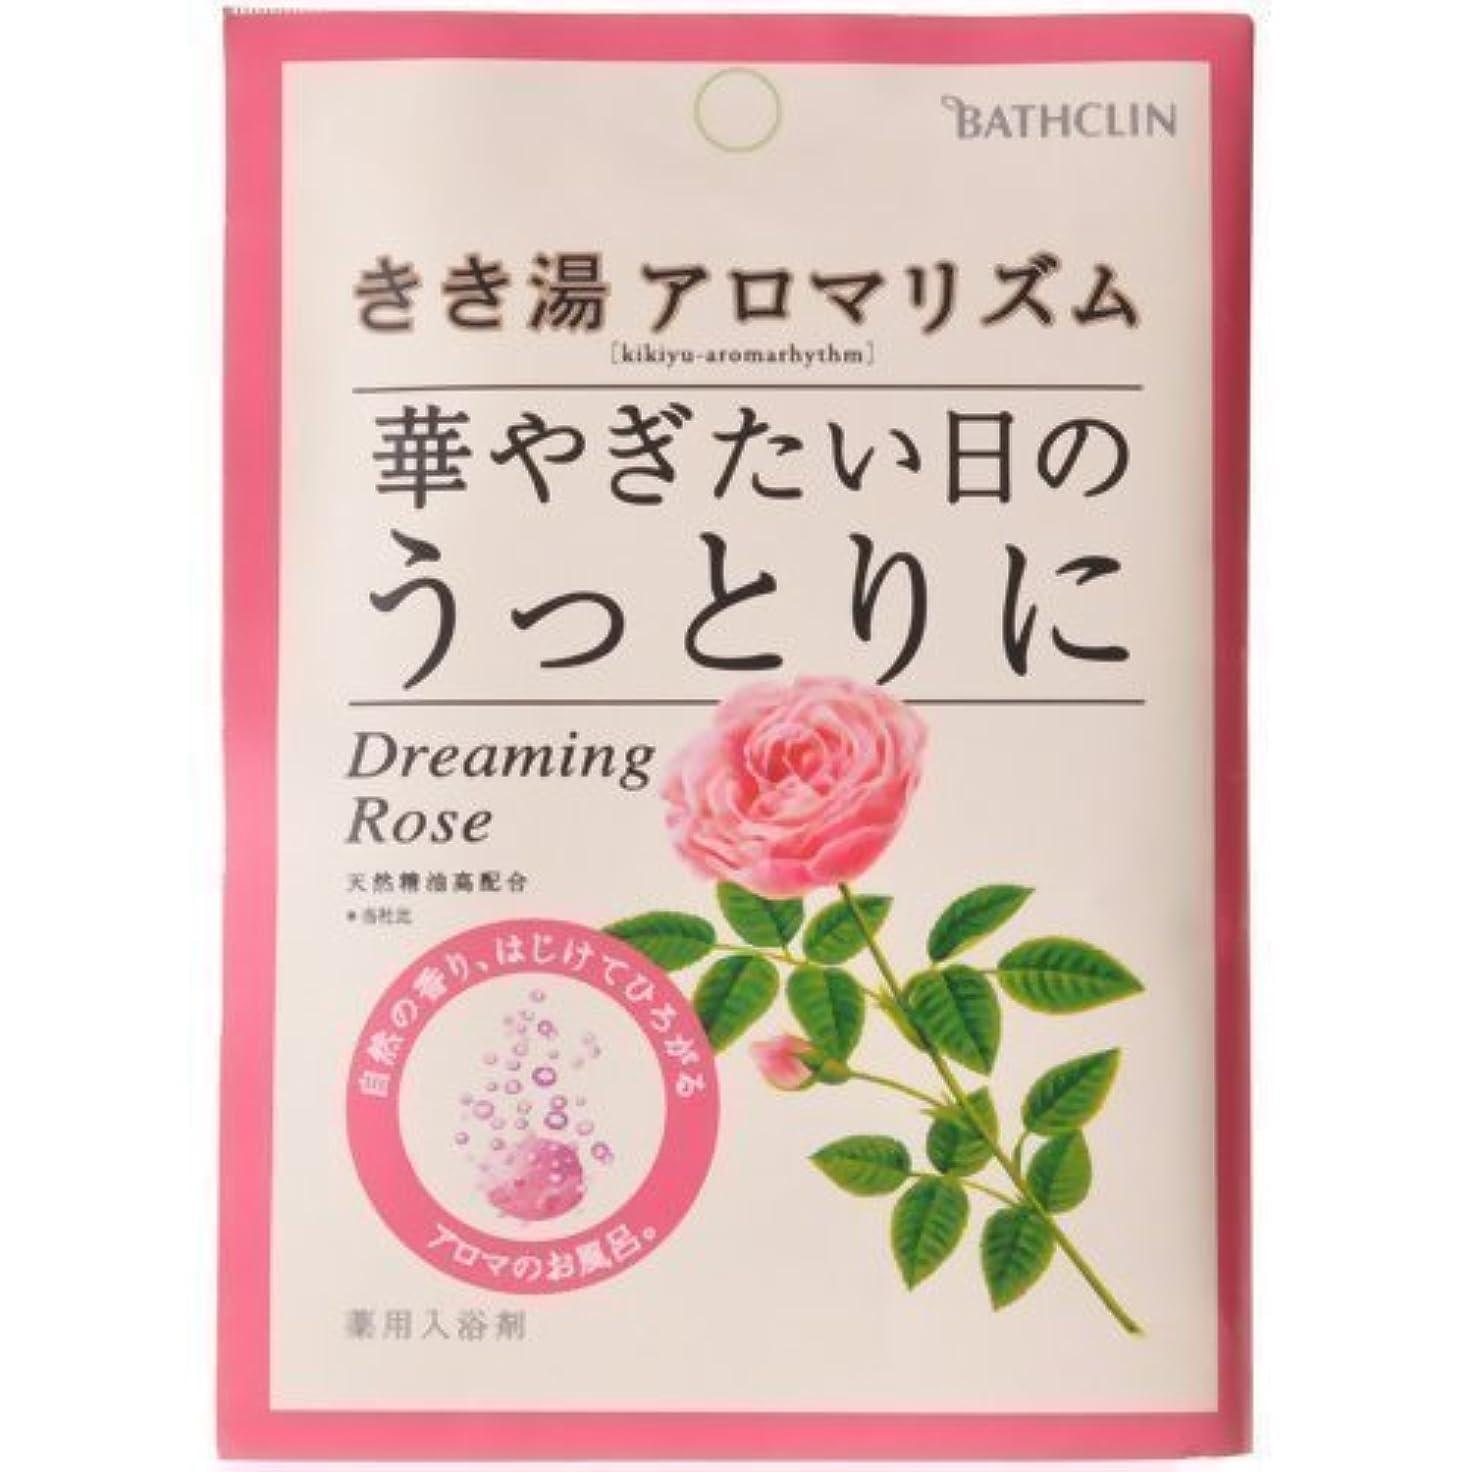 ナット悪性腫瘍論理【まとめ買い】きき湯 アロマリズム ドリーミングローズの香り 30g ×3個